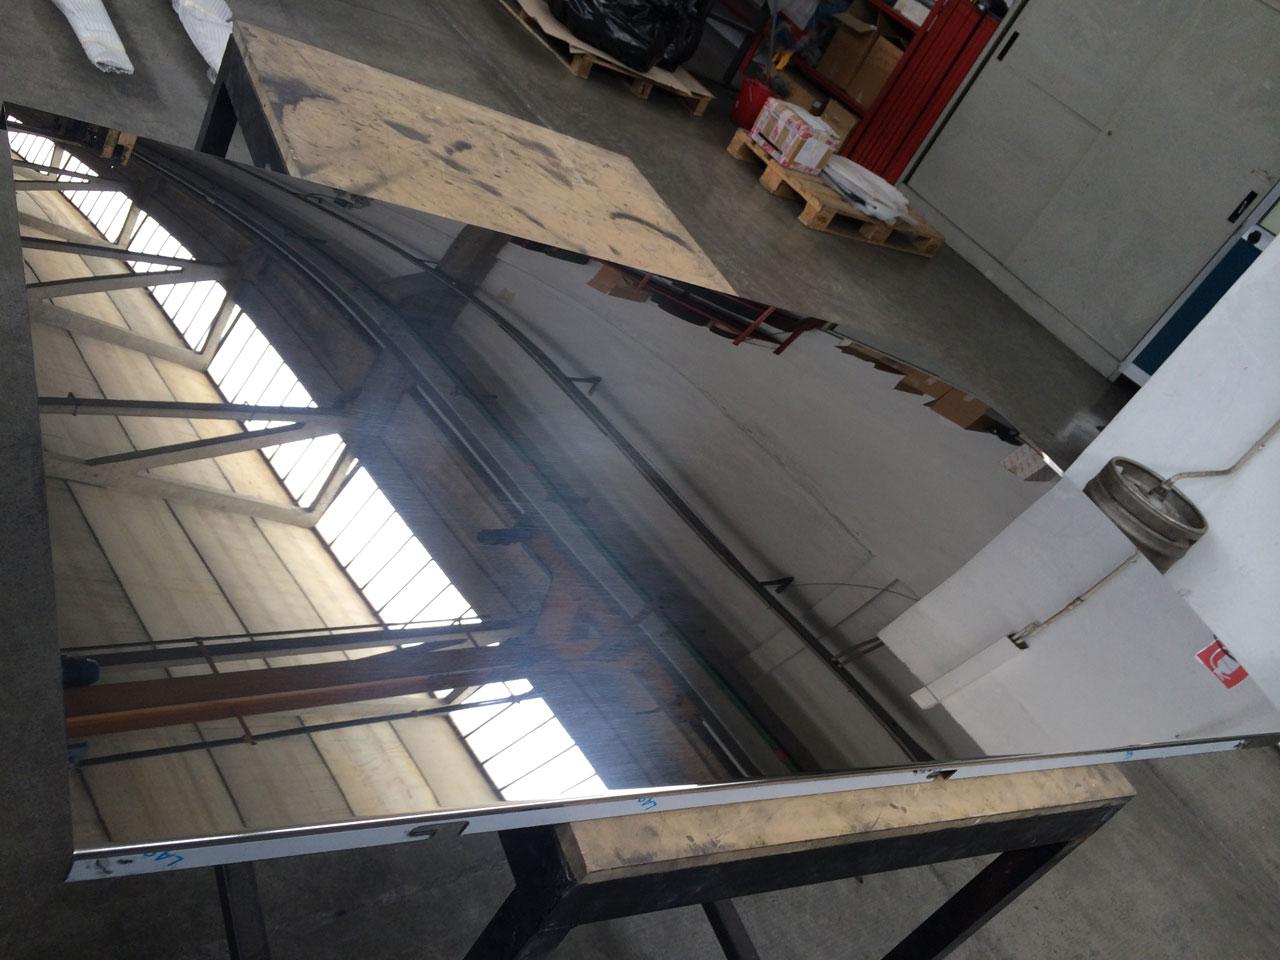 Lm lucidatura metalli alpignano torino for Arredamento per negozi torino